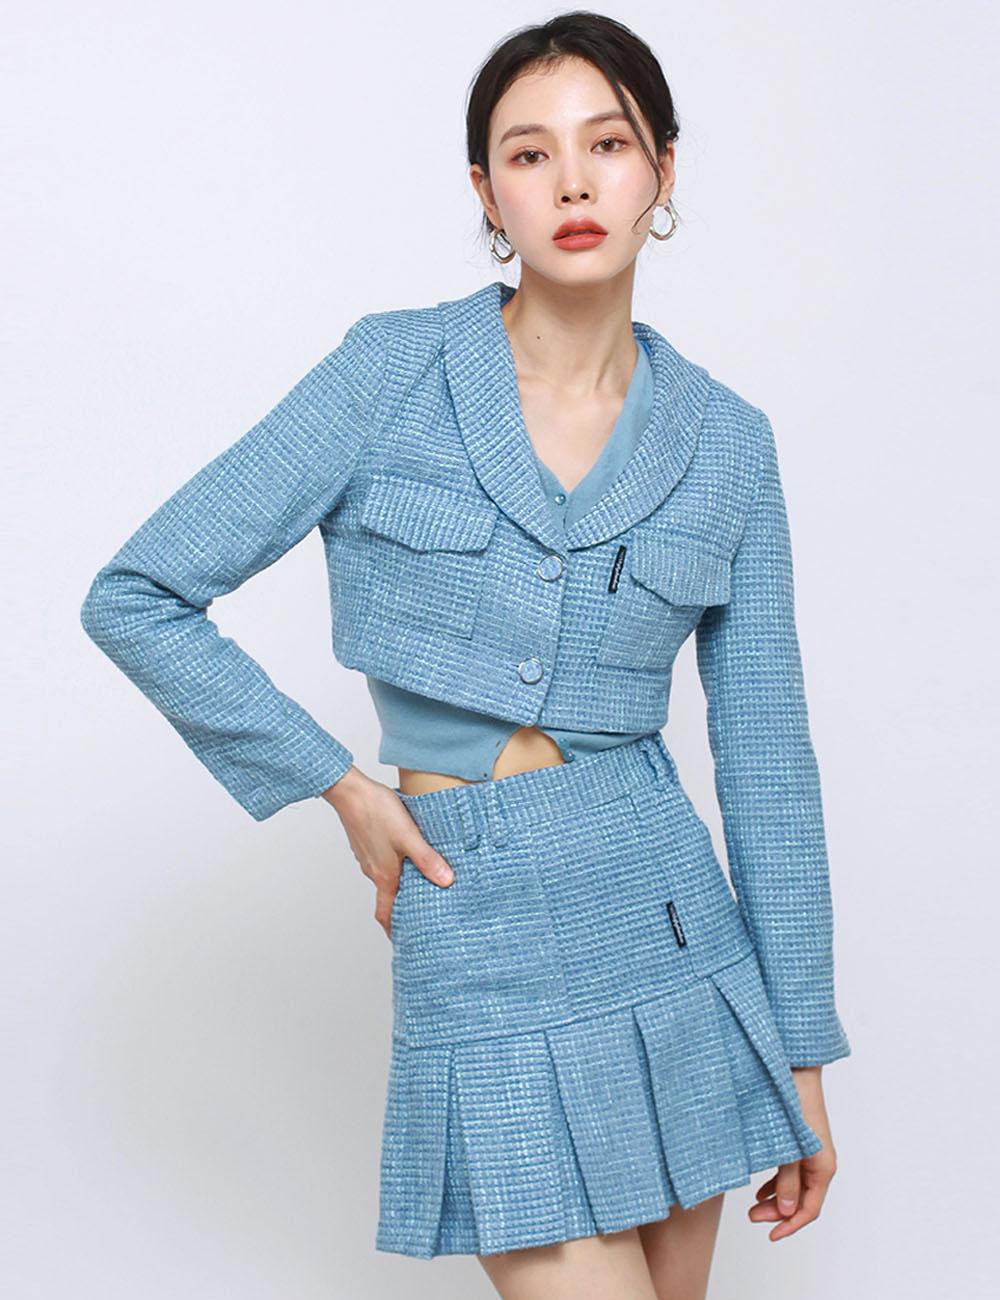 Các idol Kpop dạo này đang mê diện set đồ này lắm, còn chần chừ gì mà không xem ngay để bắt trend liền - Ảnh 3.